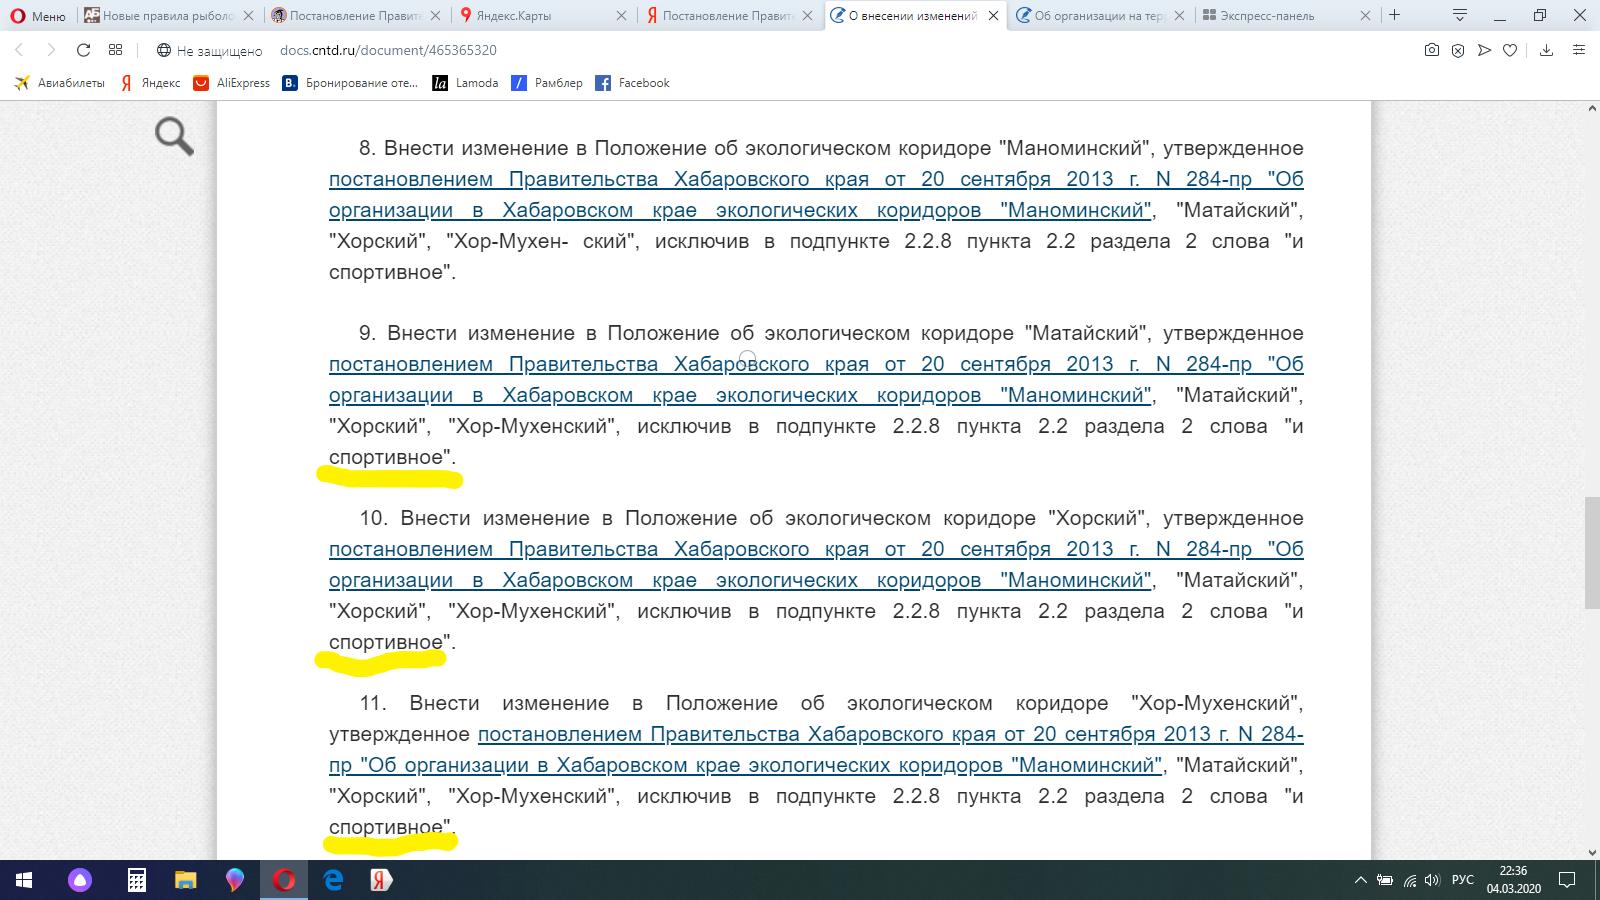 Хорский.png